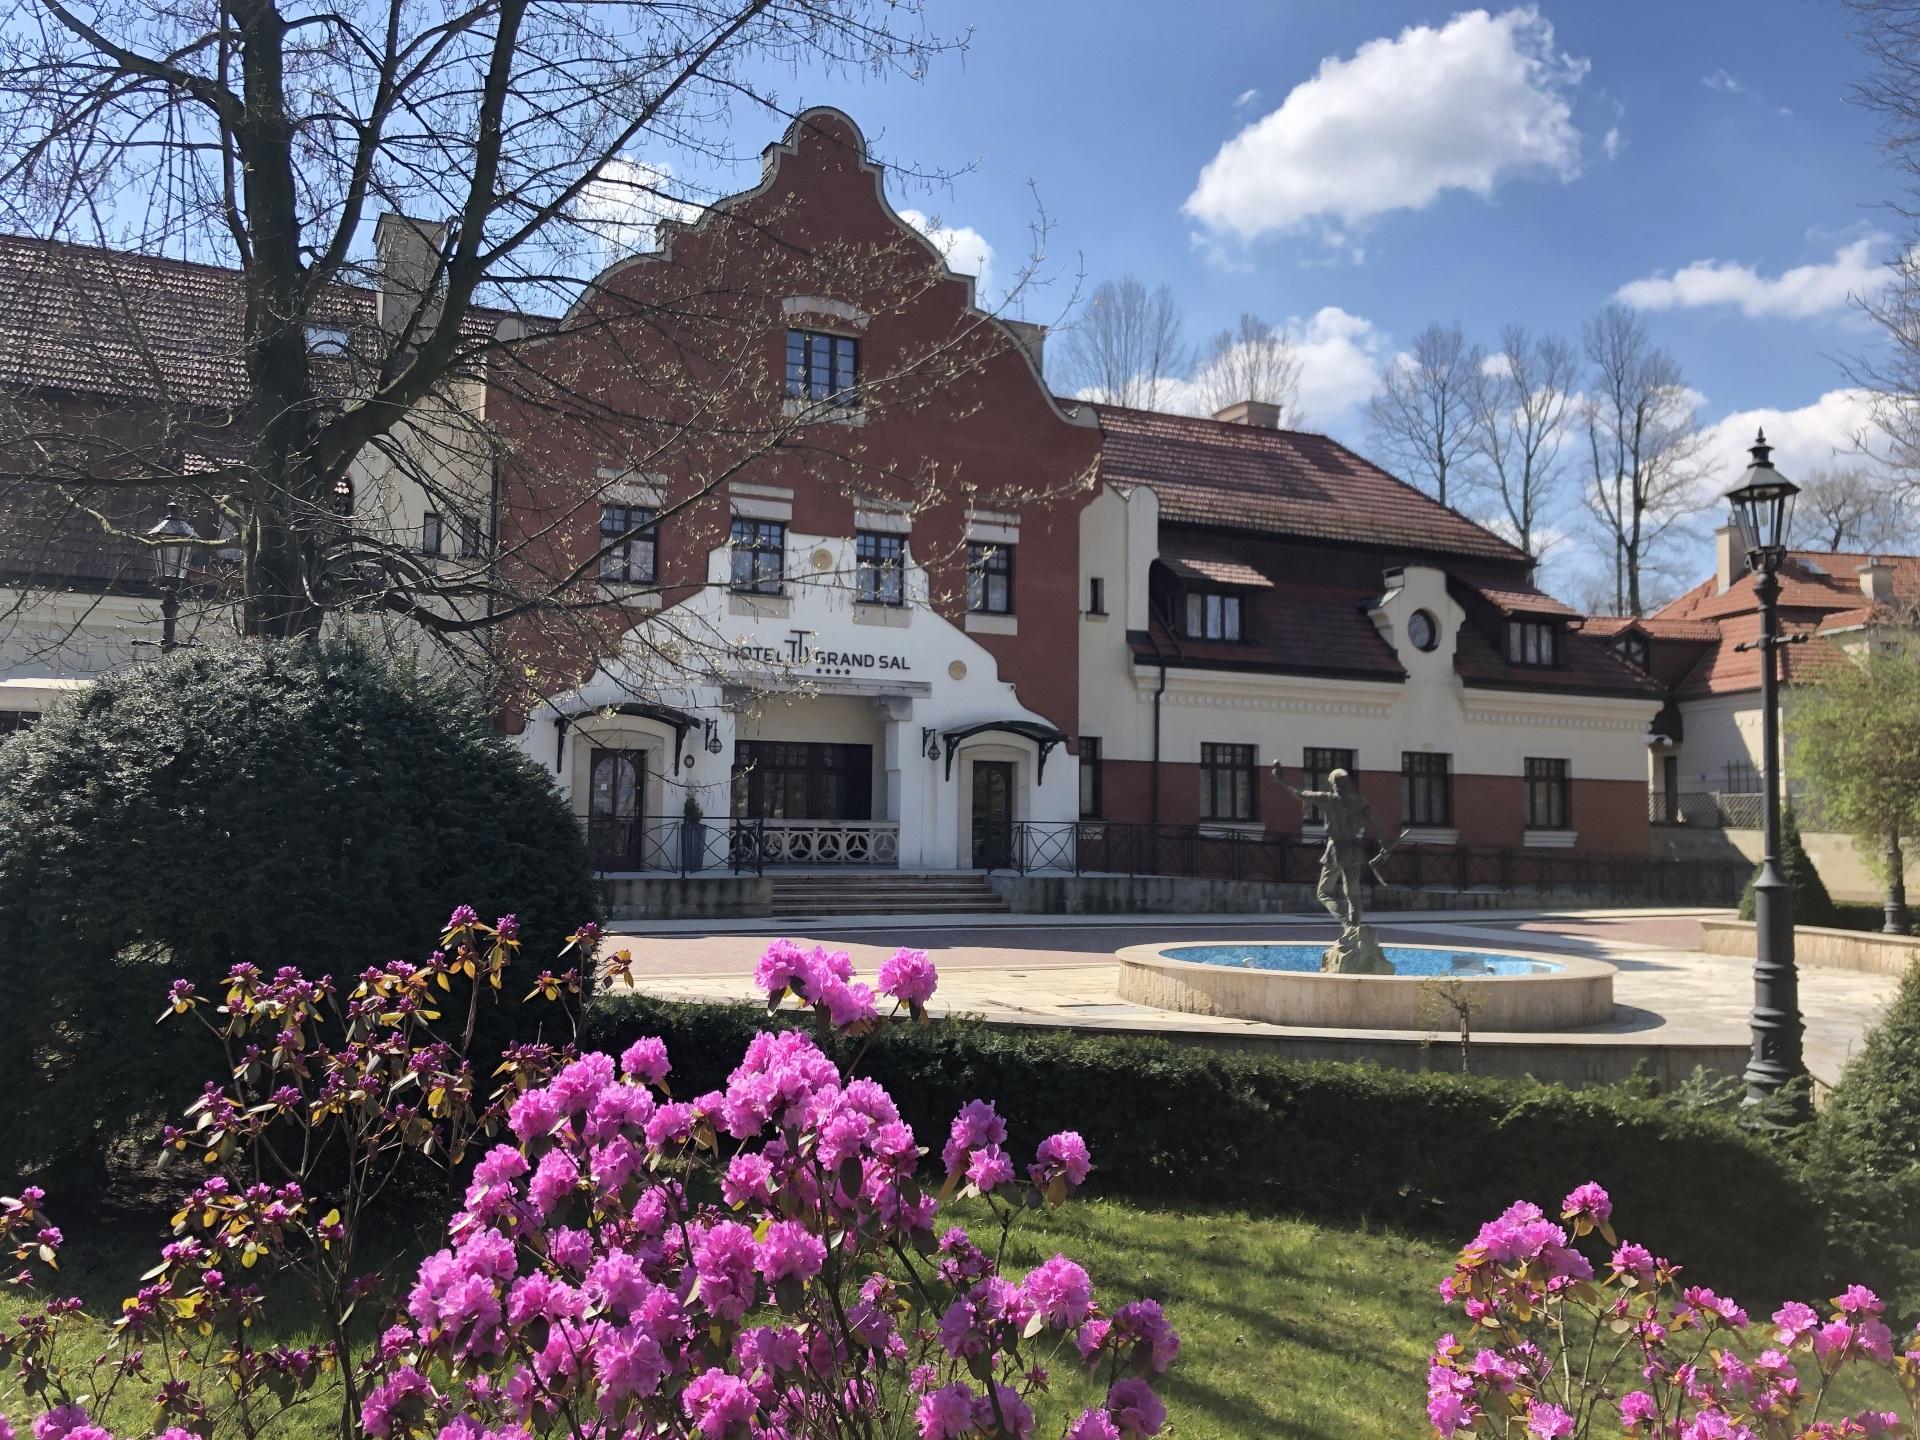 Front - Hotel Grand Sal.  Długi budynek częściowo z cegły. Za pierwszym planie kwitnące na fioletowo krzewy